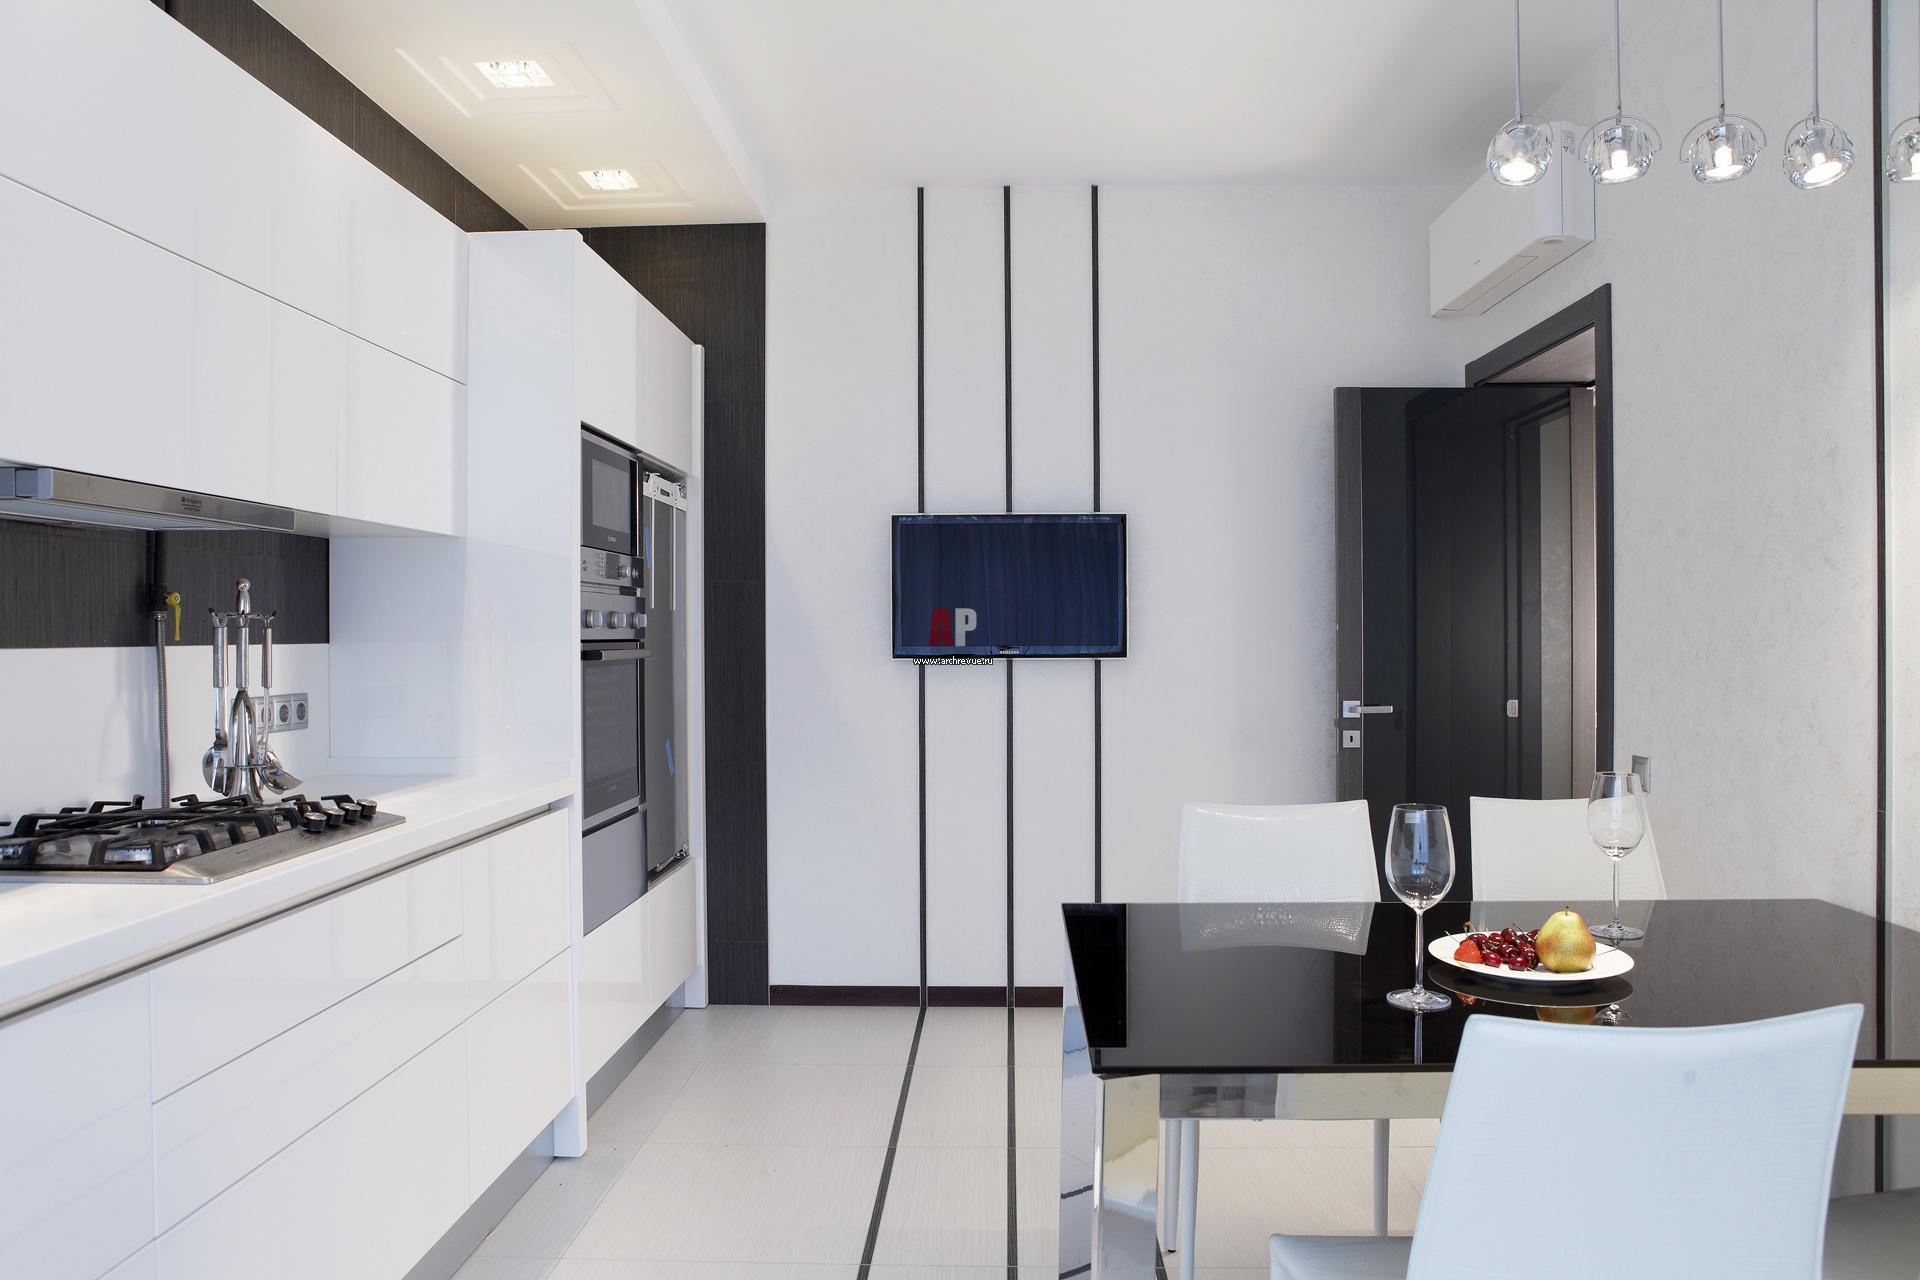 Минималистичный трехэтажный танухаус